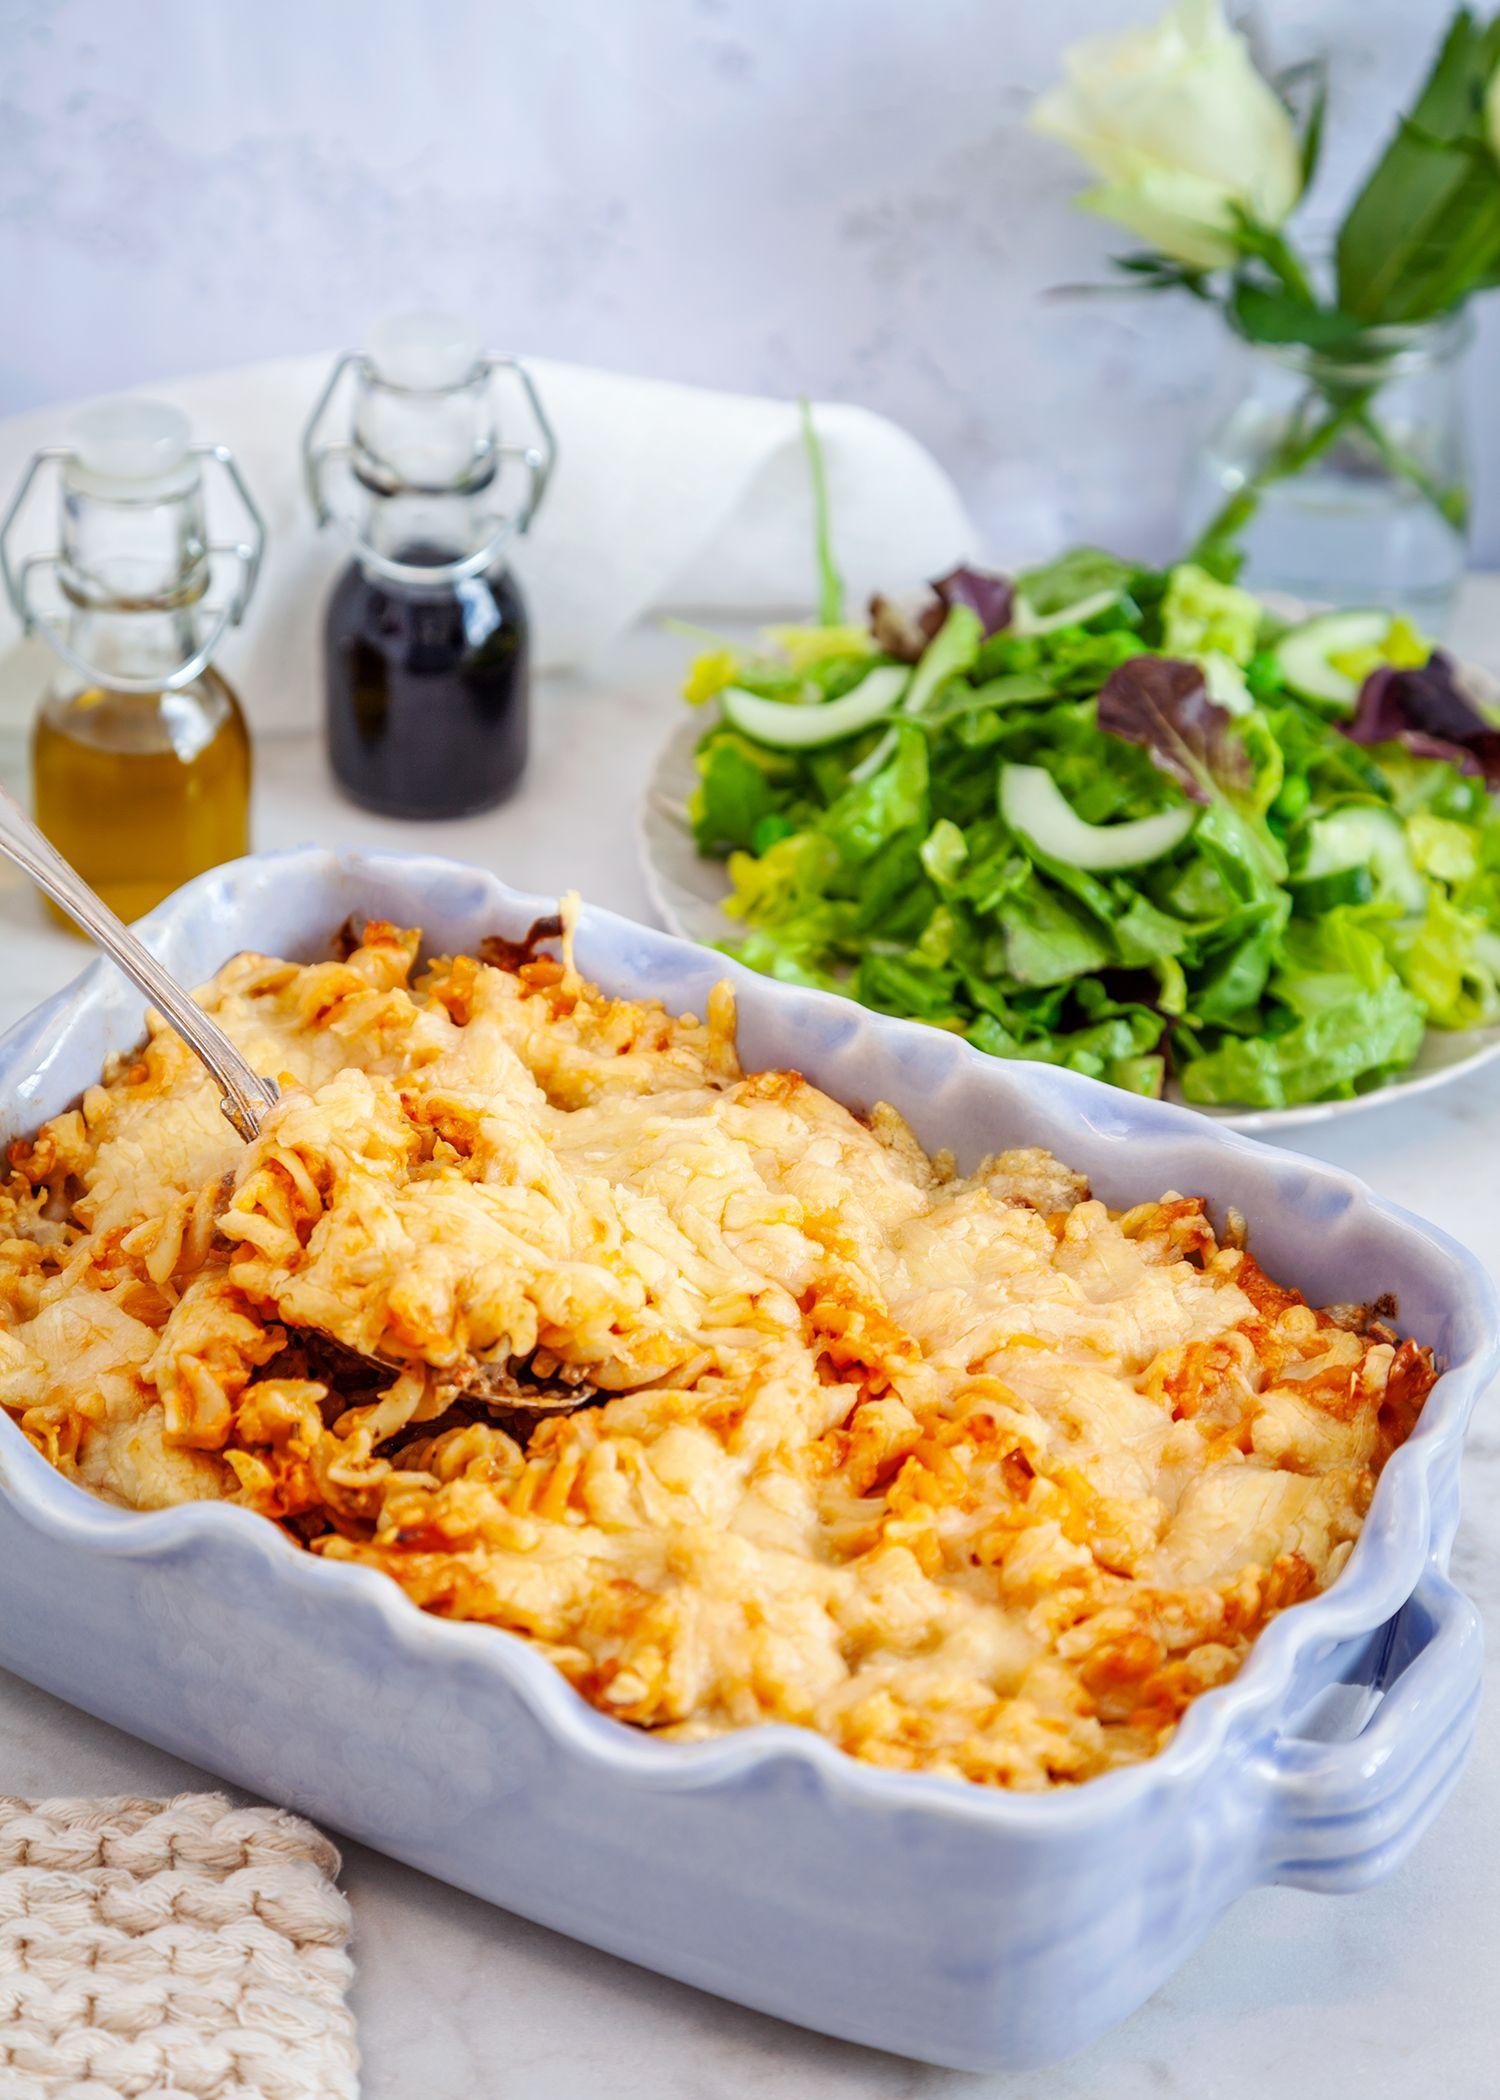 Snabb Pastagratang Med Fars Och Pesto Recept Med Bilder